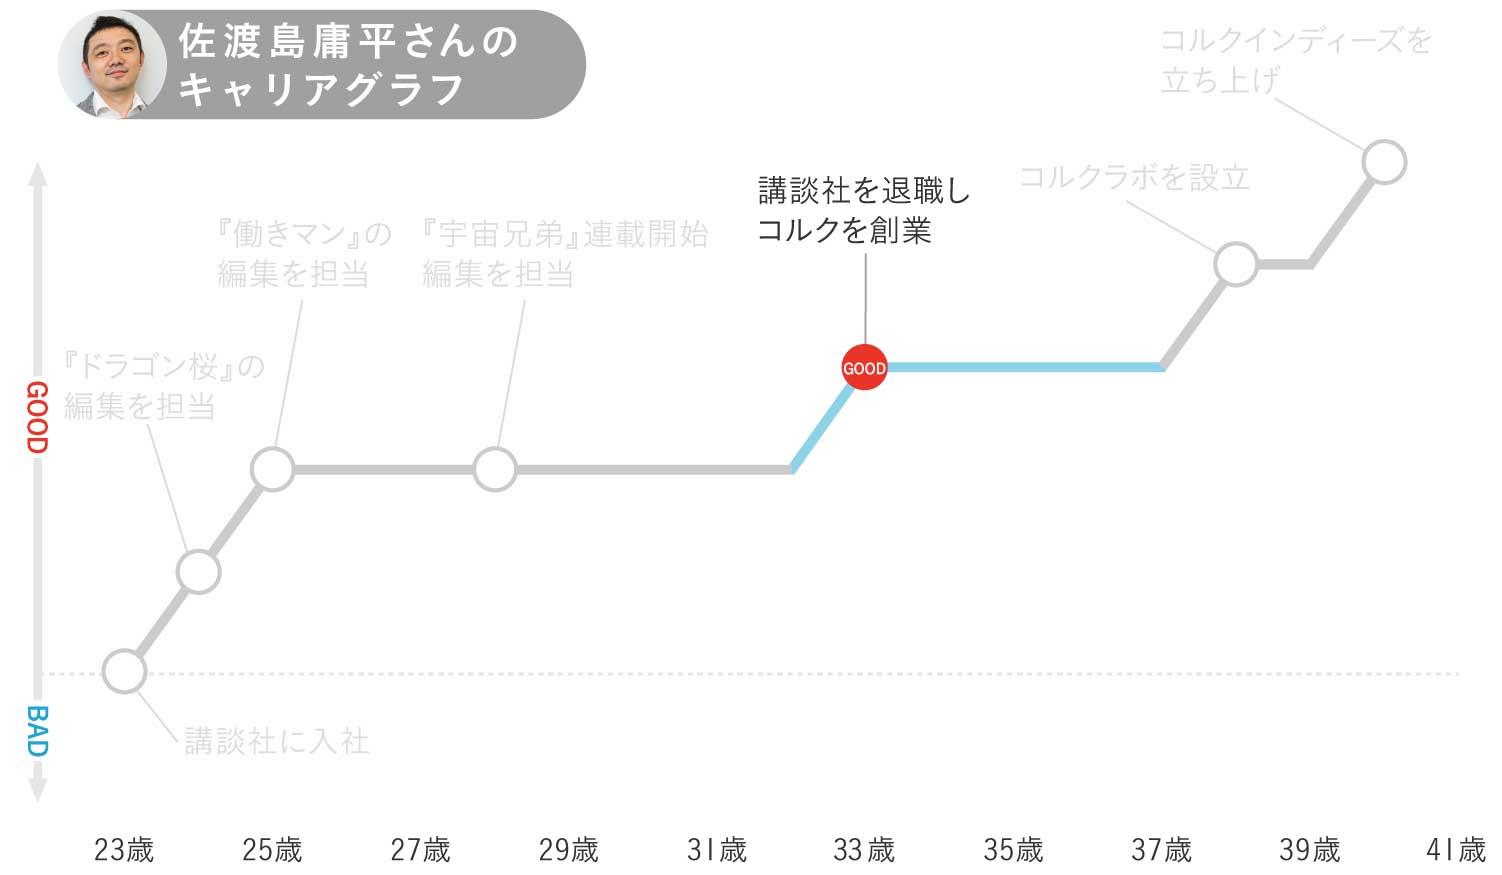 佐渡島庸平さんキャリグラフ3